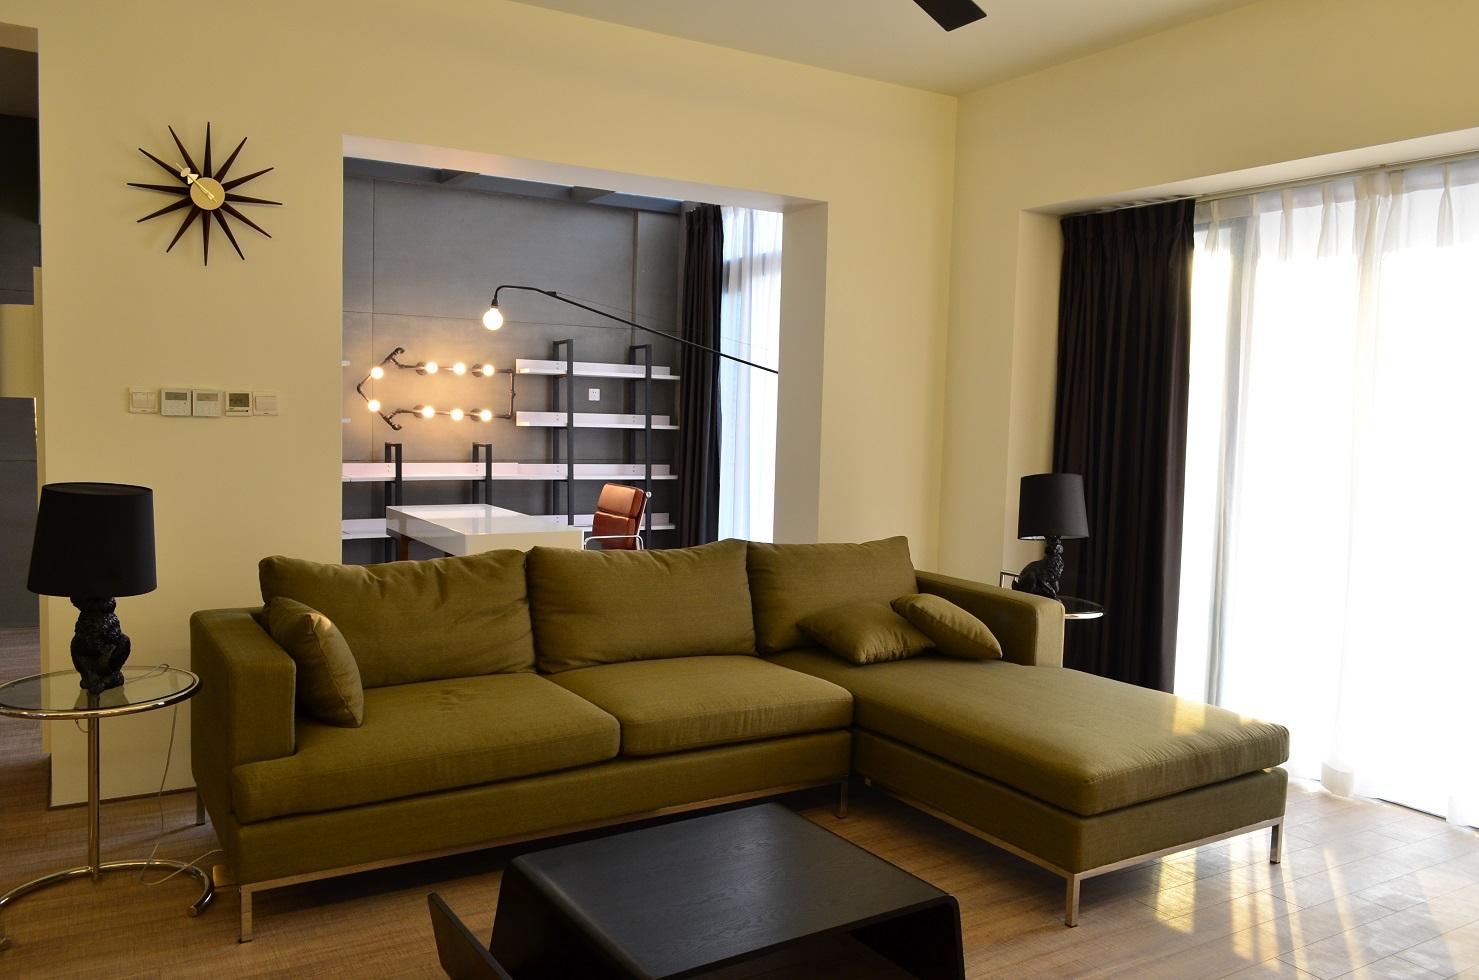 沙发两边的黑色的台灯,以及墙上的表针装饰简约时尚